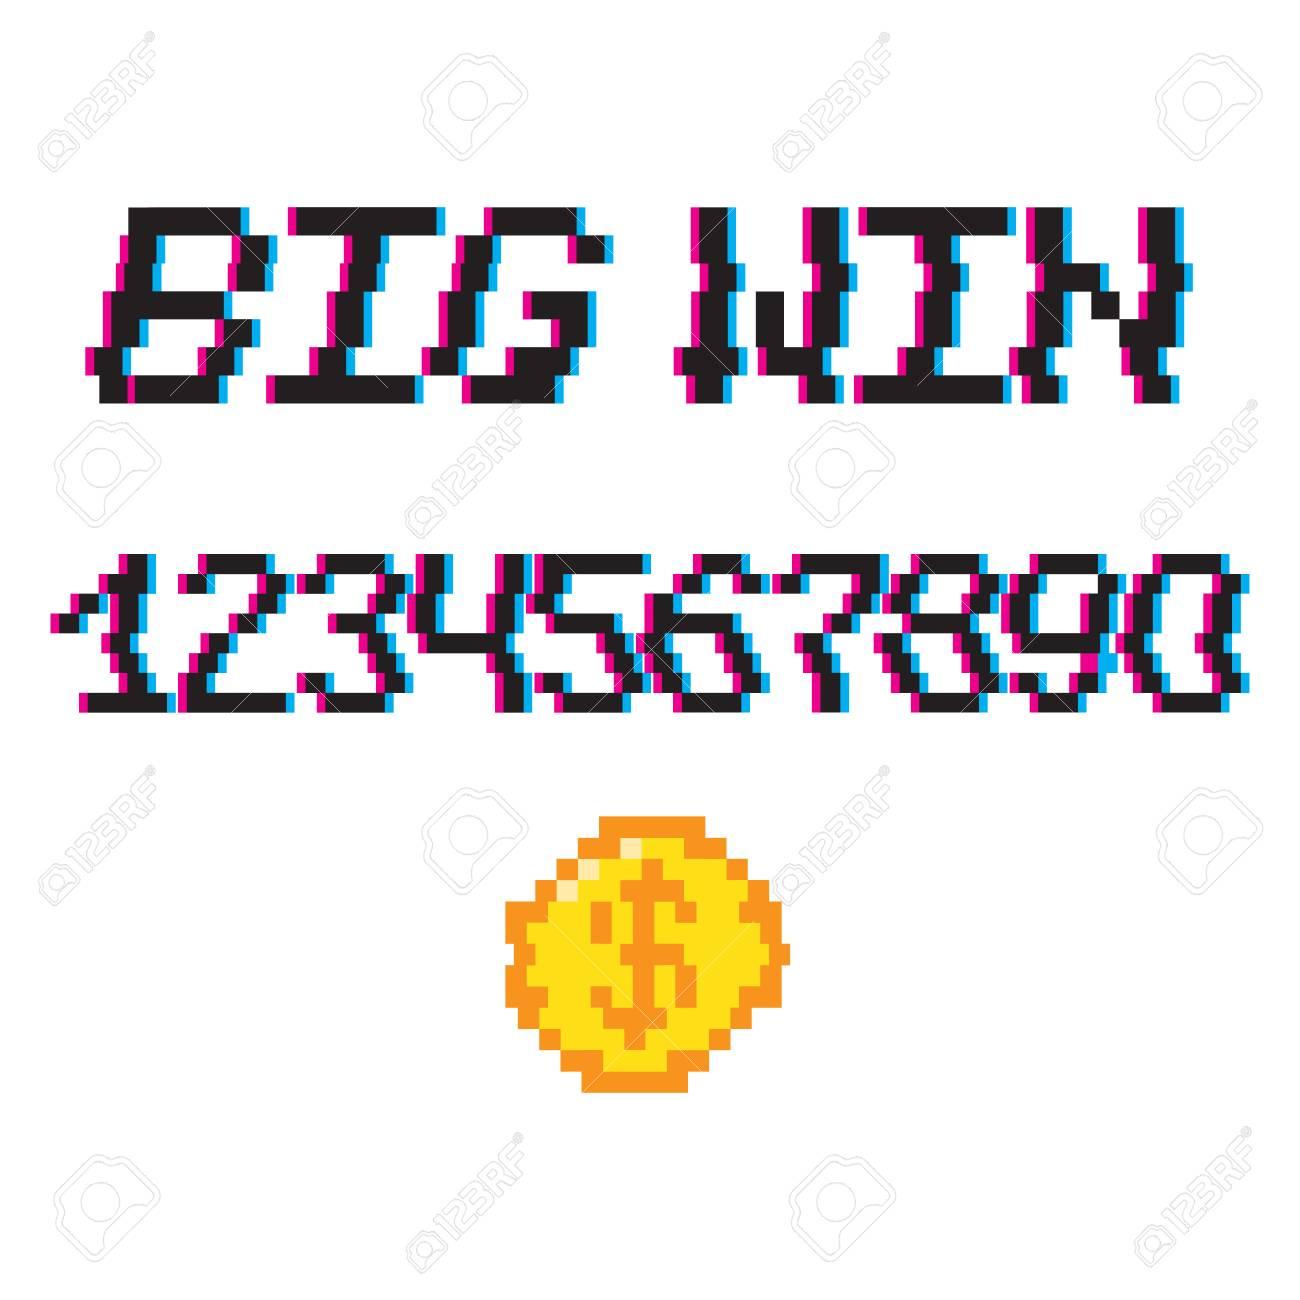 Vector 8 Bit Pixel Art Style Phrase Big Gagner Avec 0 9 Chiffres Et Pièce Dor Modèle Pour Bannière De Prix Effet Glitch Vhs